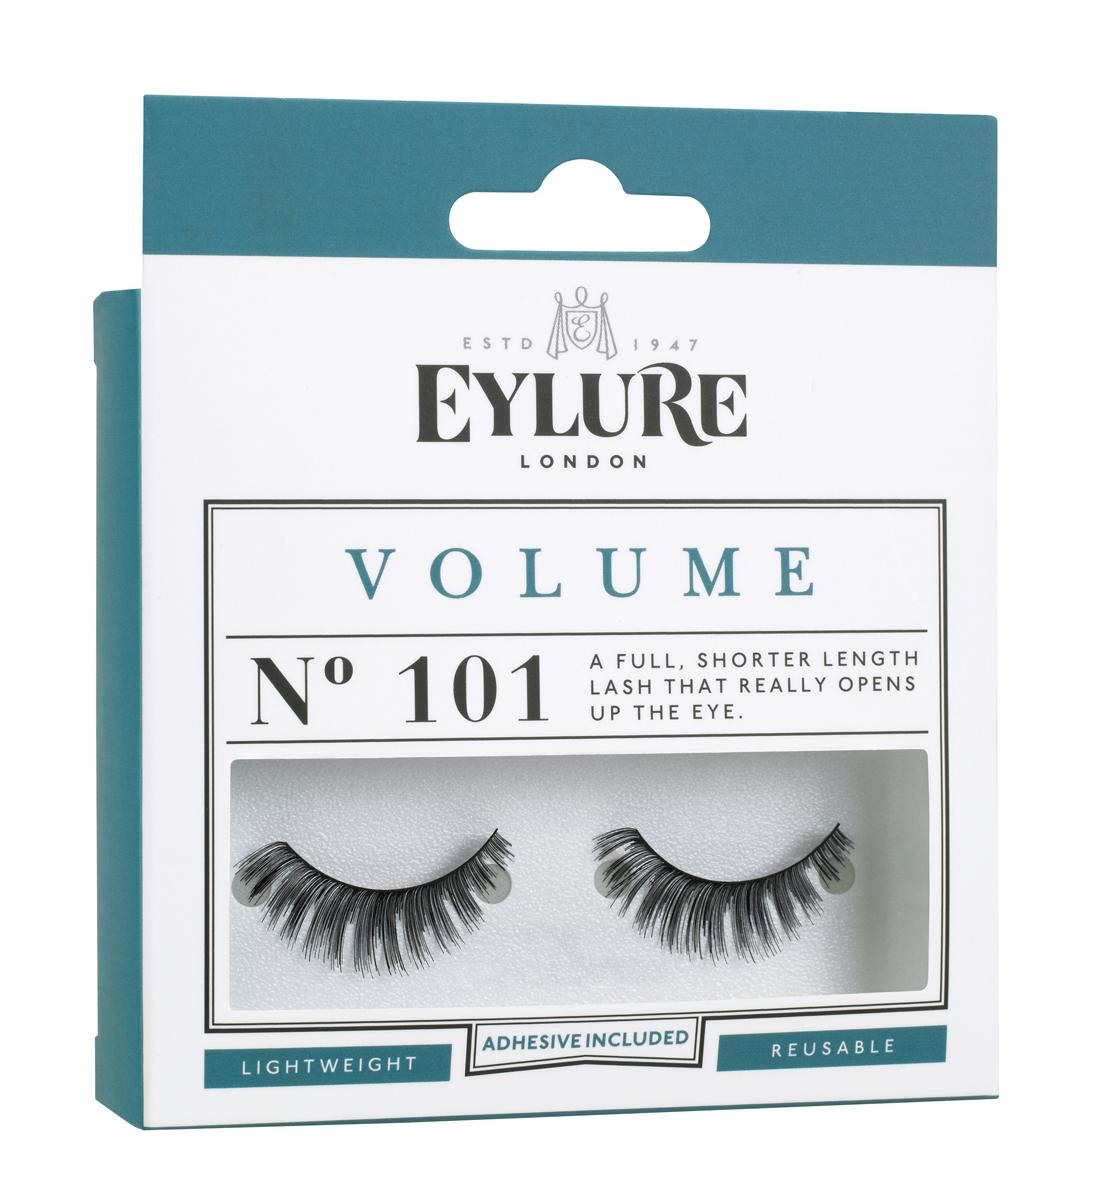 Eylure Накладные ресницы объемные №101 Strip Lashes -VOLUME №101Satin Hair 7 BR730MNНакладные ресницы из натурального волоса для создания эффекта объема. В набор входит прозрачный клей для накладных ресниц Lashfix Clear.